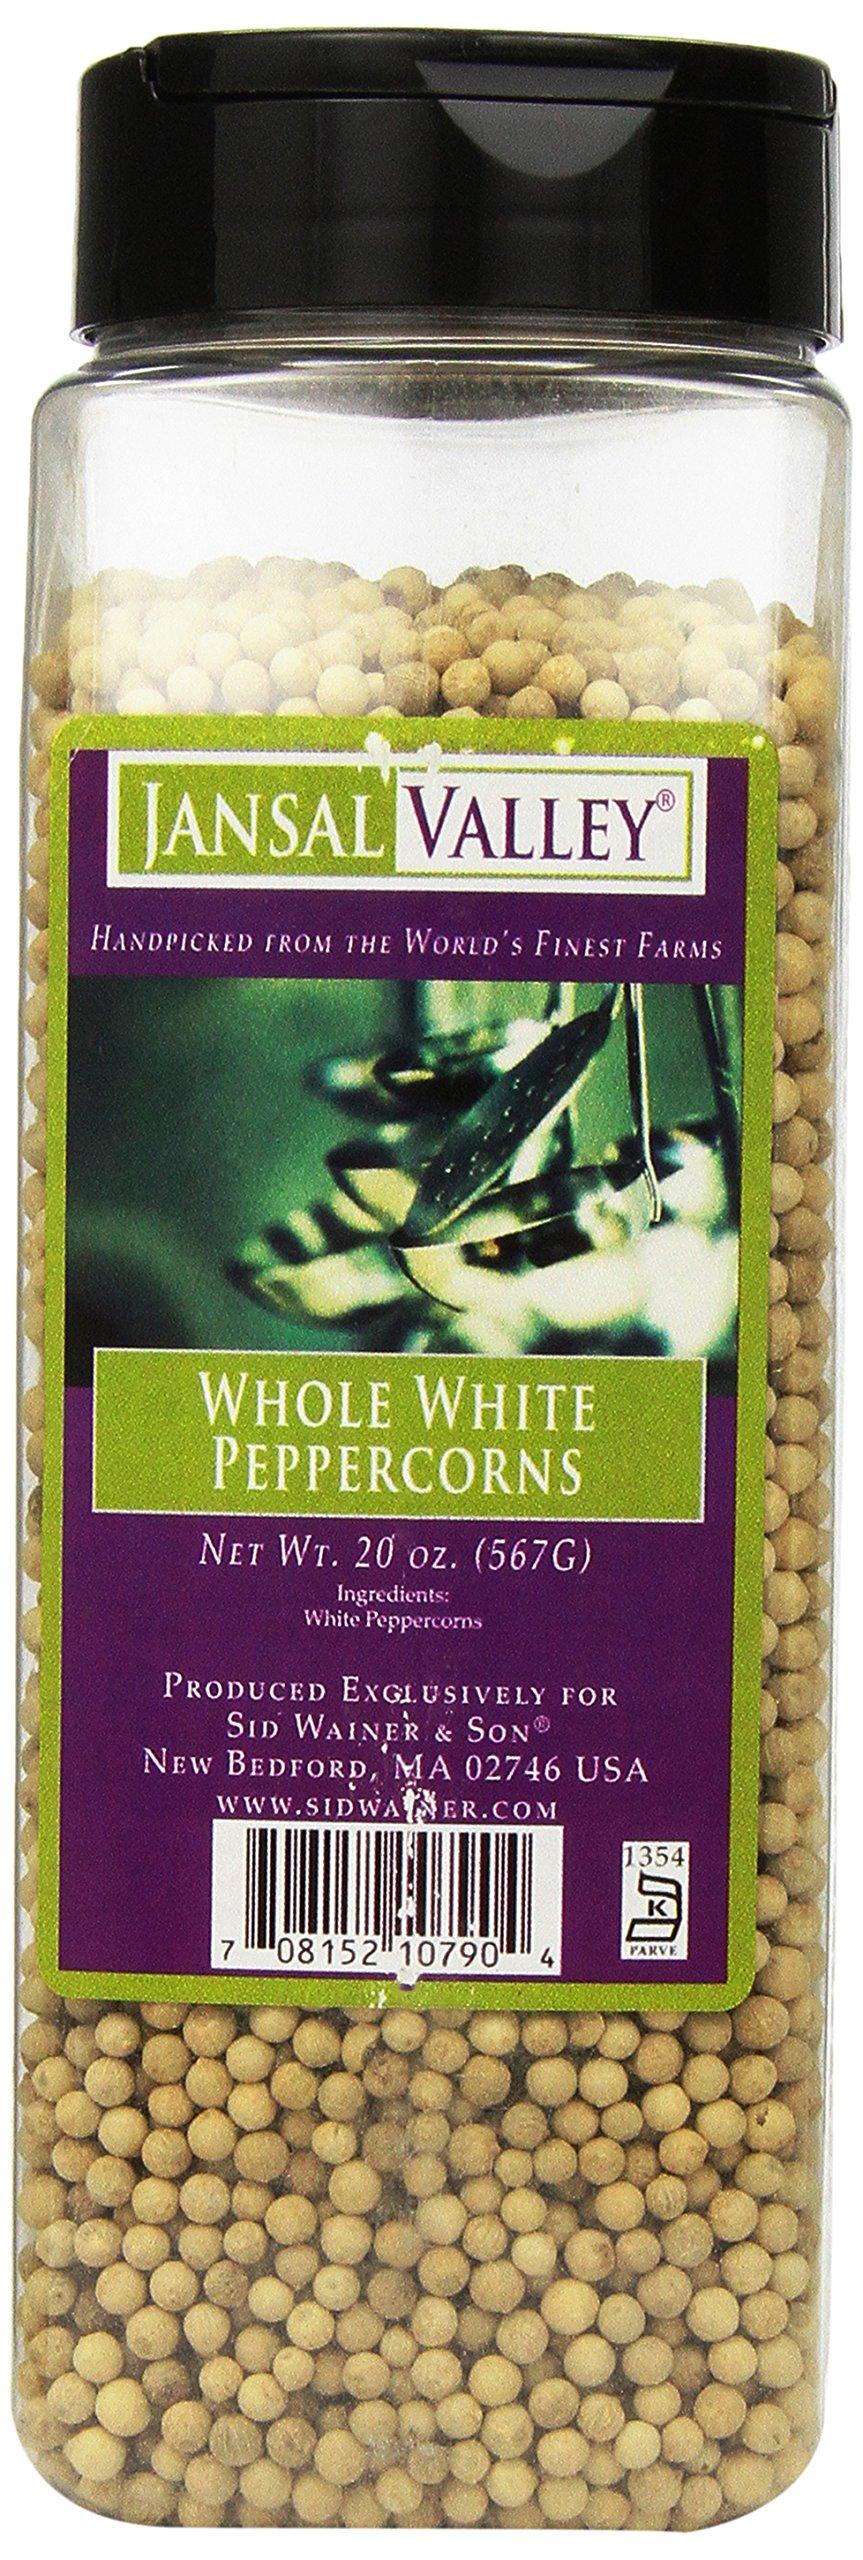 Jansal Valley White Peppercorns, 20 Ounce